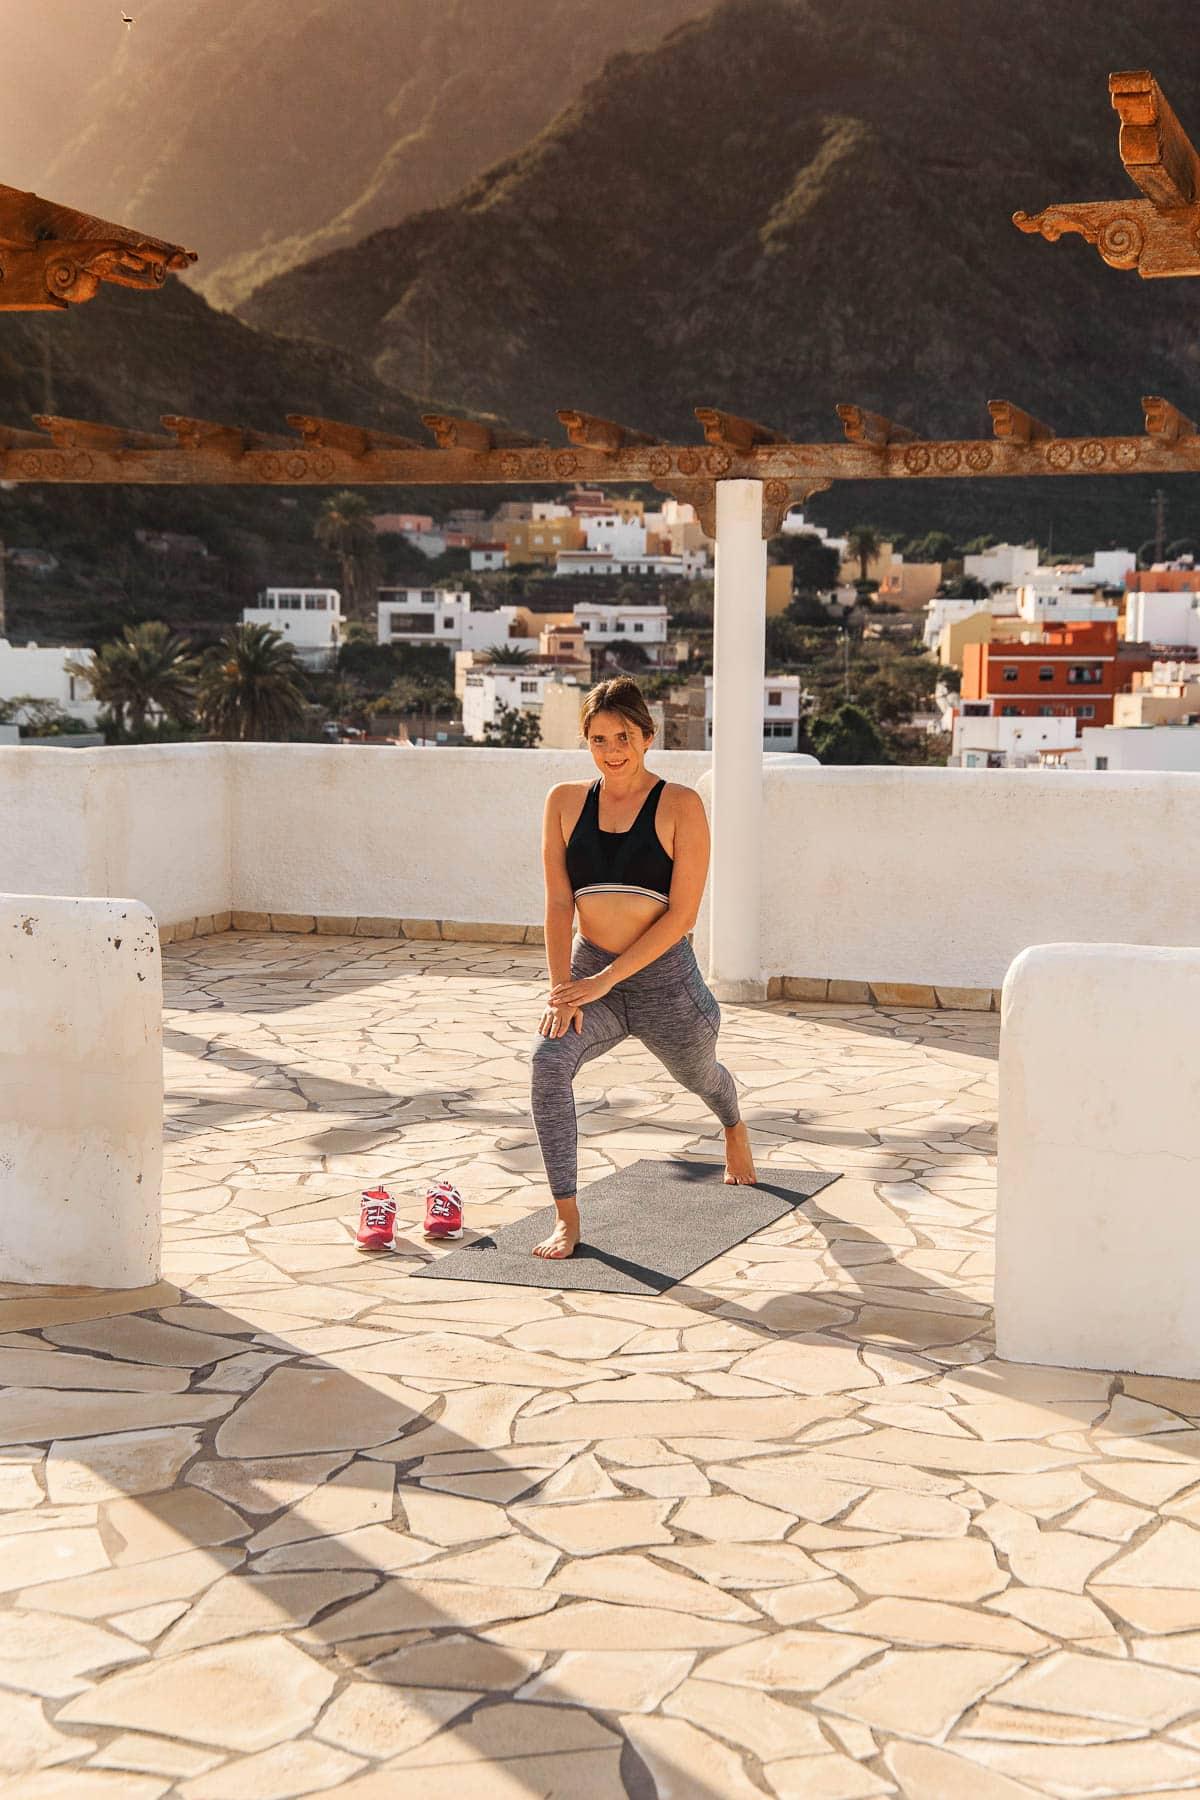 teneriffa-kanaren-punta-del-hidalgo-oceano-hotel-health-spa-reiseblog-des-belles-choses 8